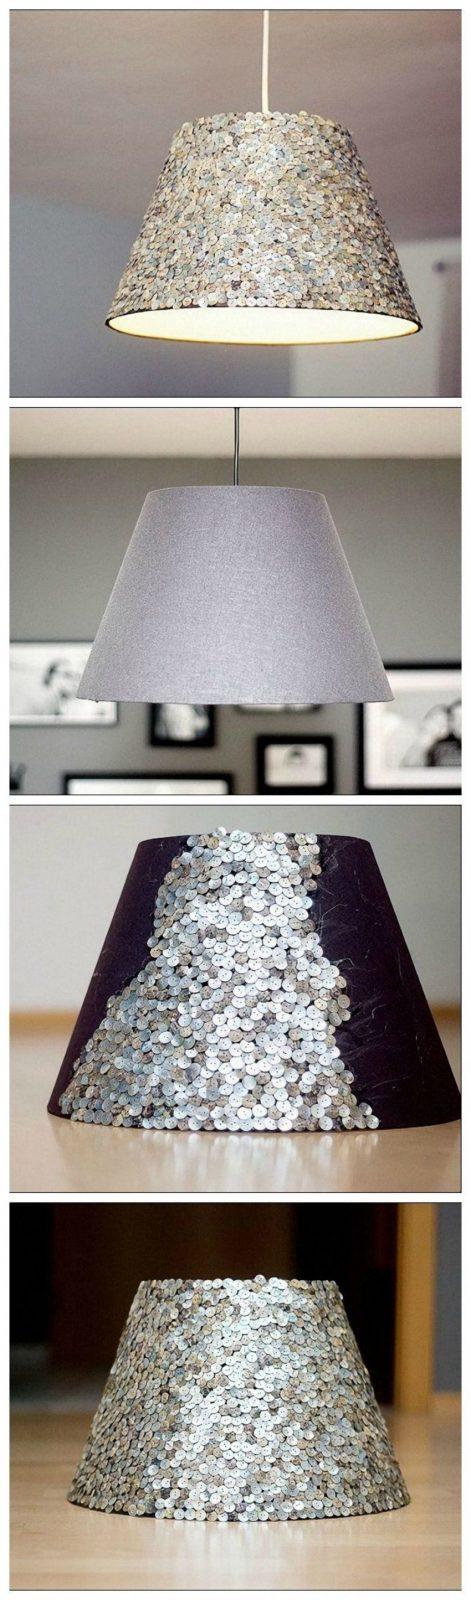 Diyanleitung Lampenschirm Individuell Gestalten Mit Pailletten Via von Do It Yourself Lampenschirm Bild